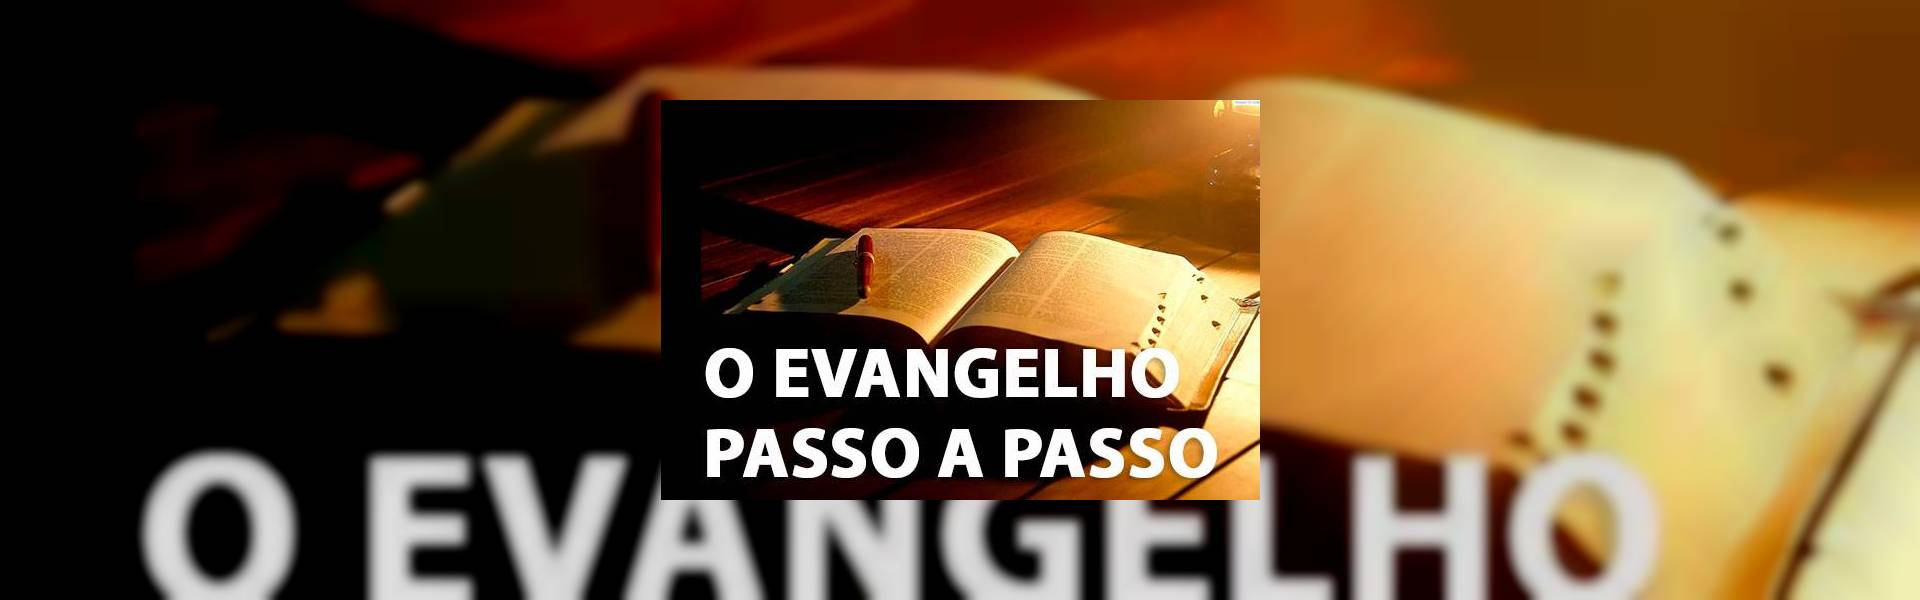 Mateus 10:42 - O Evangelho Passo a Passo